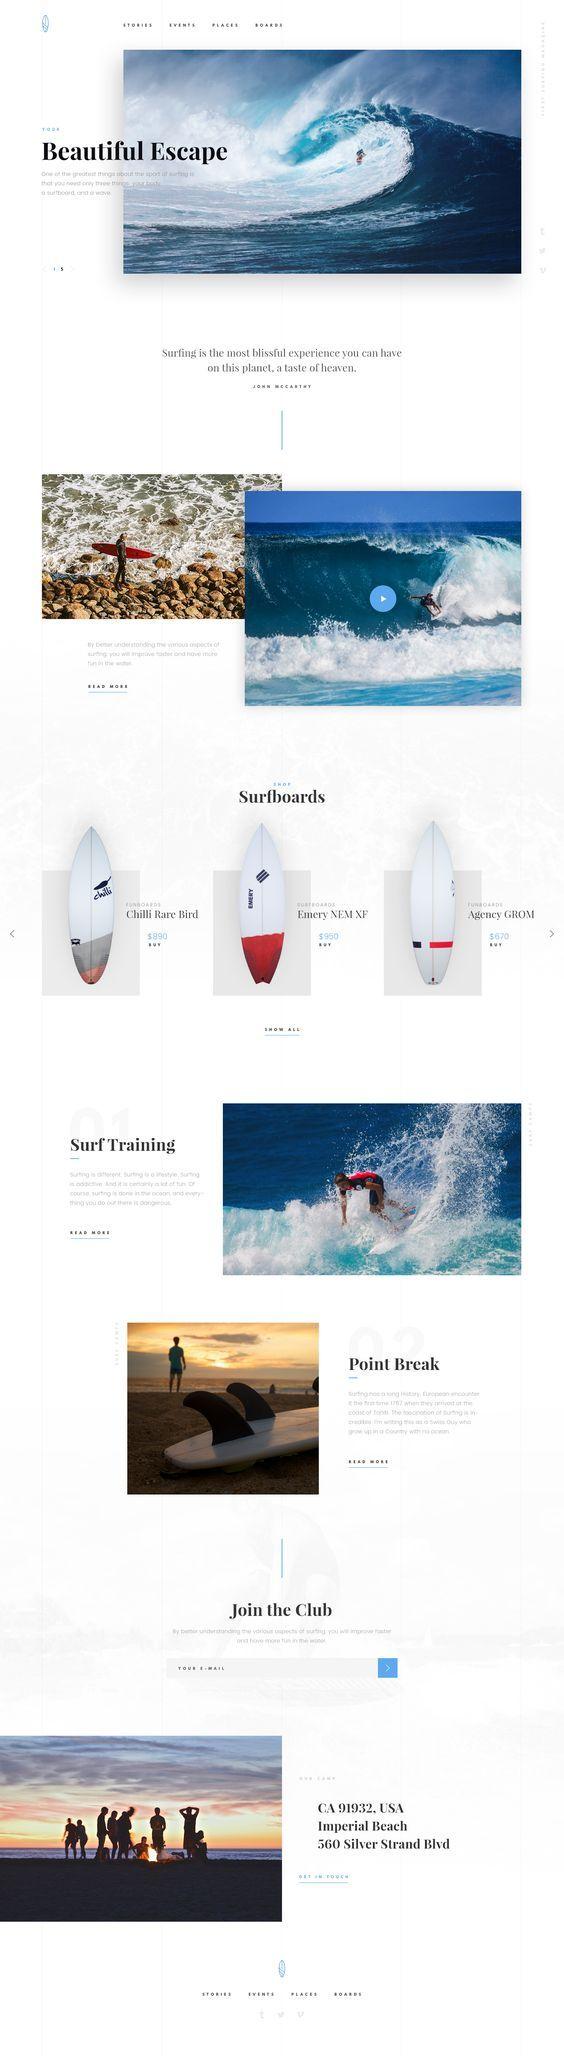 Surfing Free Theme PSD par Robert Mayer - 09/11